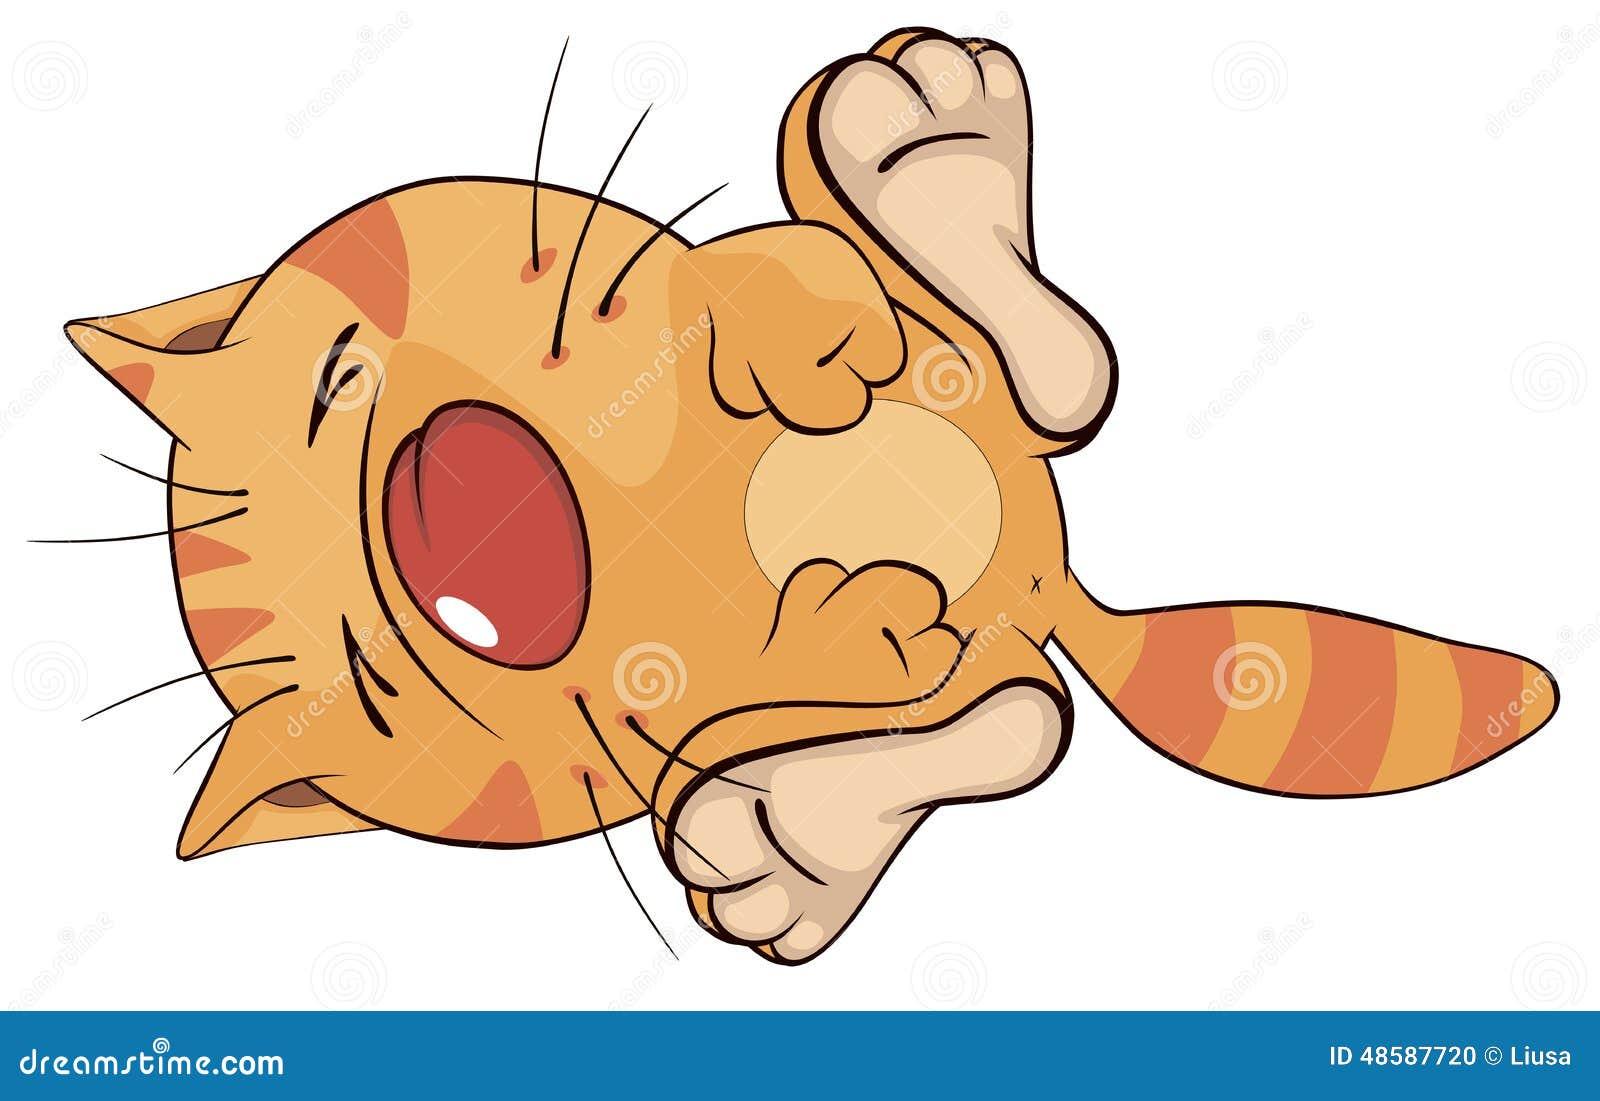 动画片猫 向量例证 - 图片图片